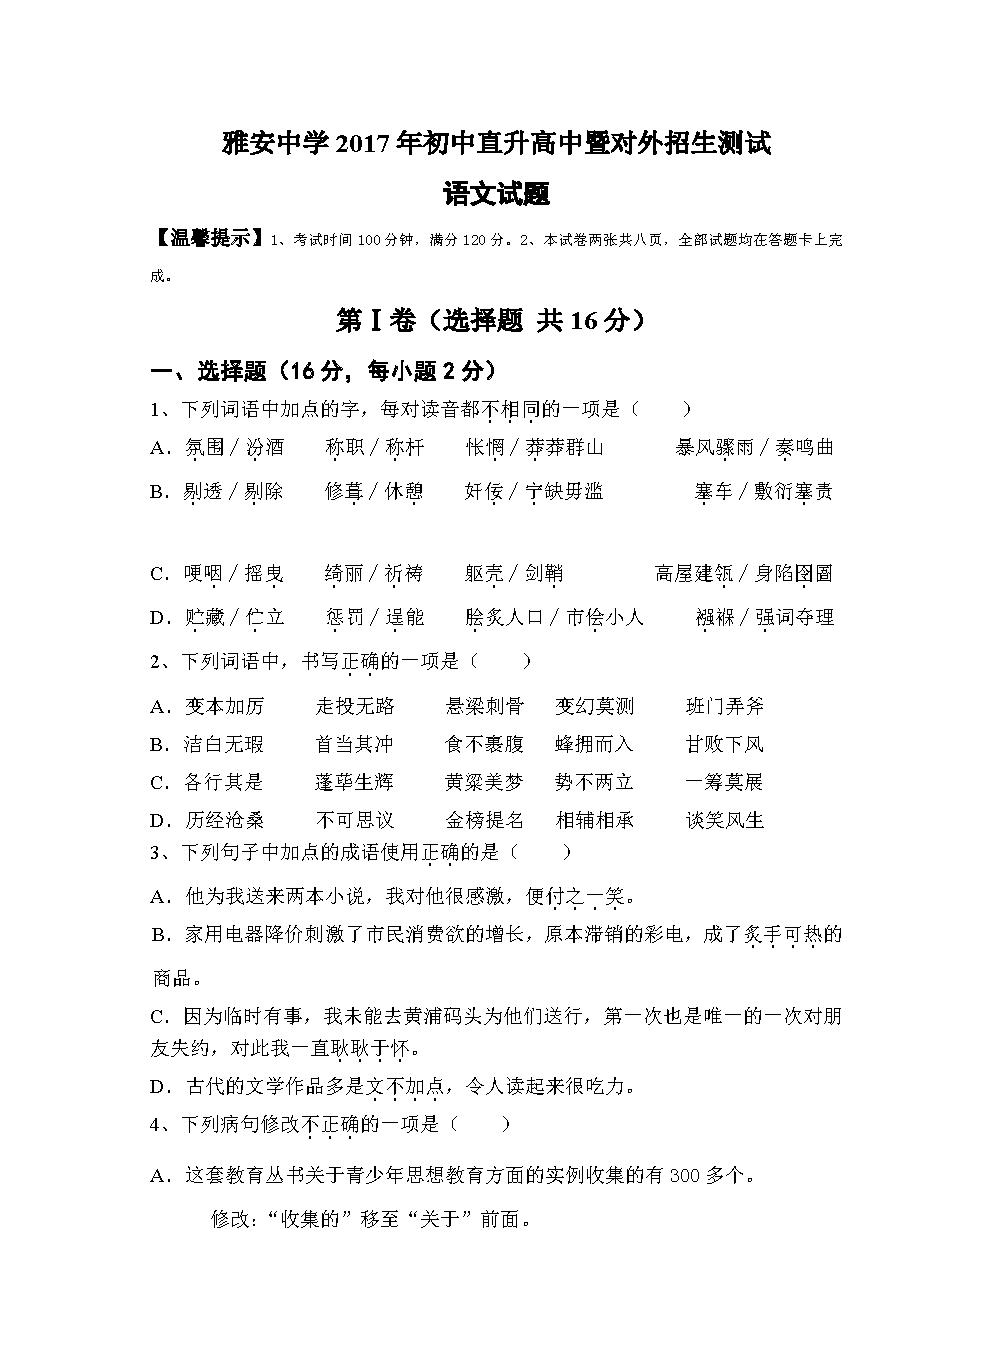 四川省雅安中学普通高中招生考试语文试卷共8页